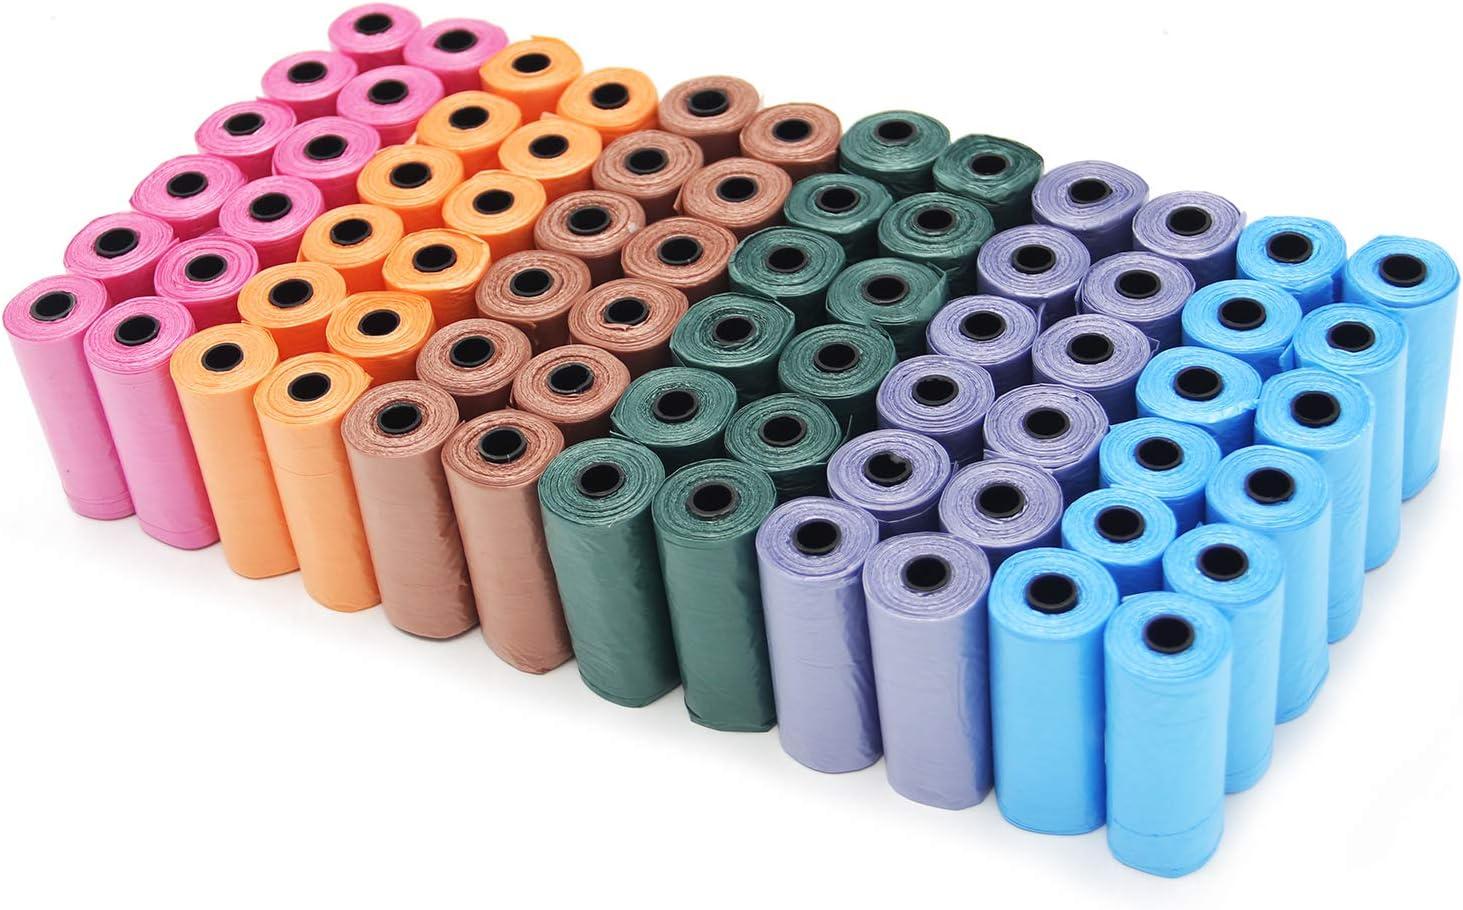 BPS (R) Bolsas de Caca de 72 Rollos, Total 1080 Bolsas, Poop Bag para Perro, Mascotas, Animales Domésticos. (72 Rollos) BPS-2329-1